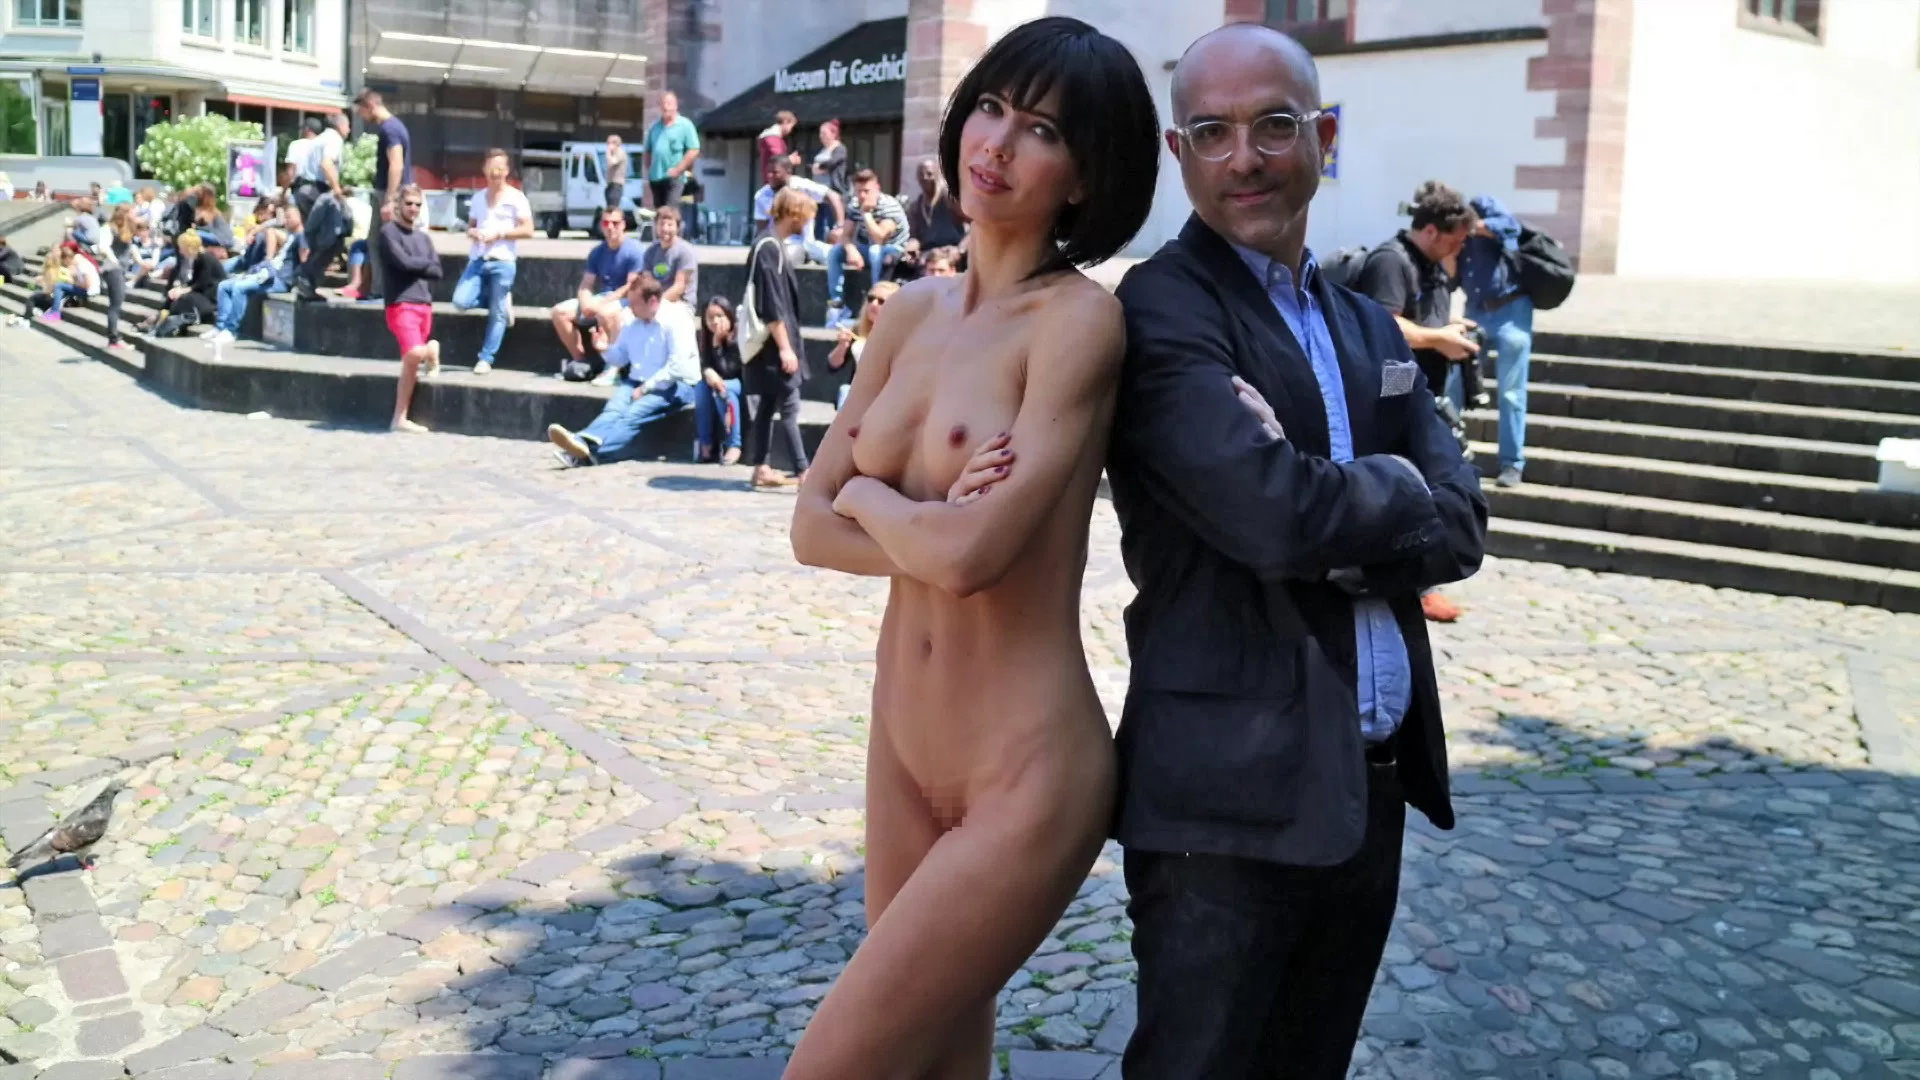 【露出狂】生乳とマンコをこどもにも触らせて逮捕されたヘンタイ女wwwwwwwww・5枚目